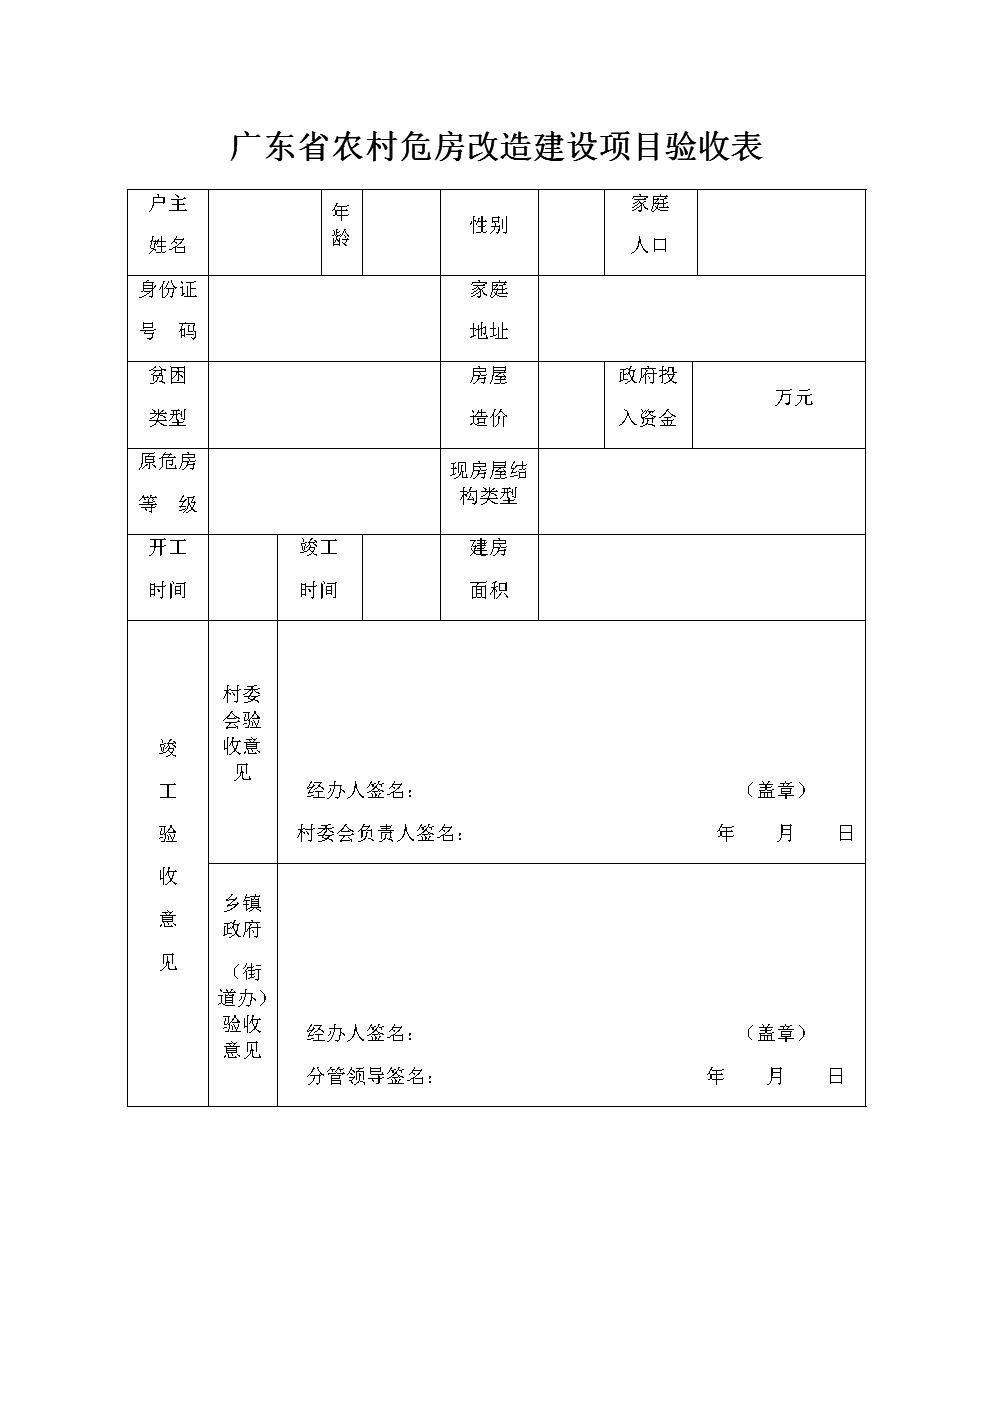 广东省农村危房改造建设项目验收表.docx